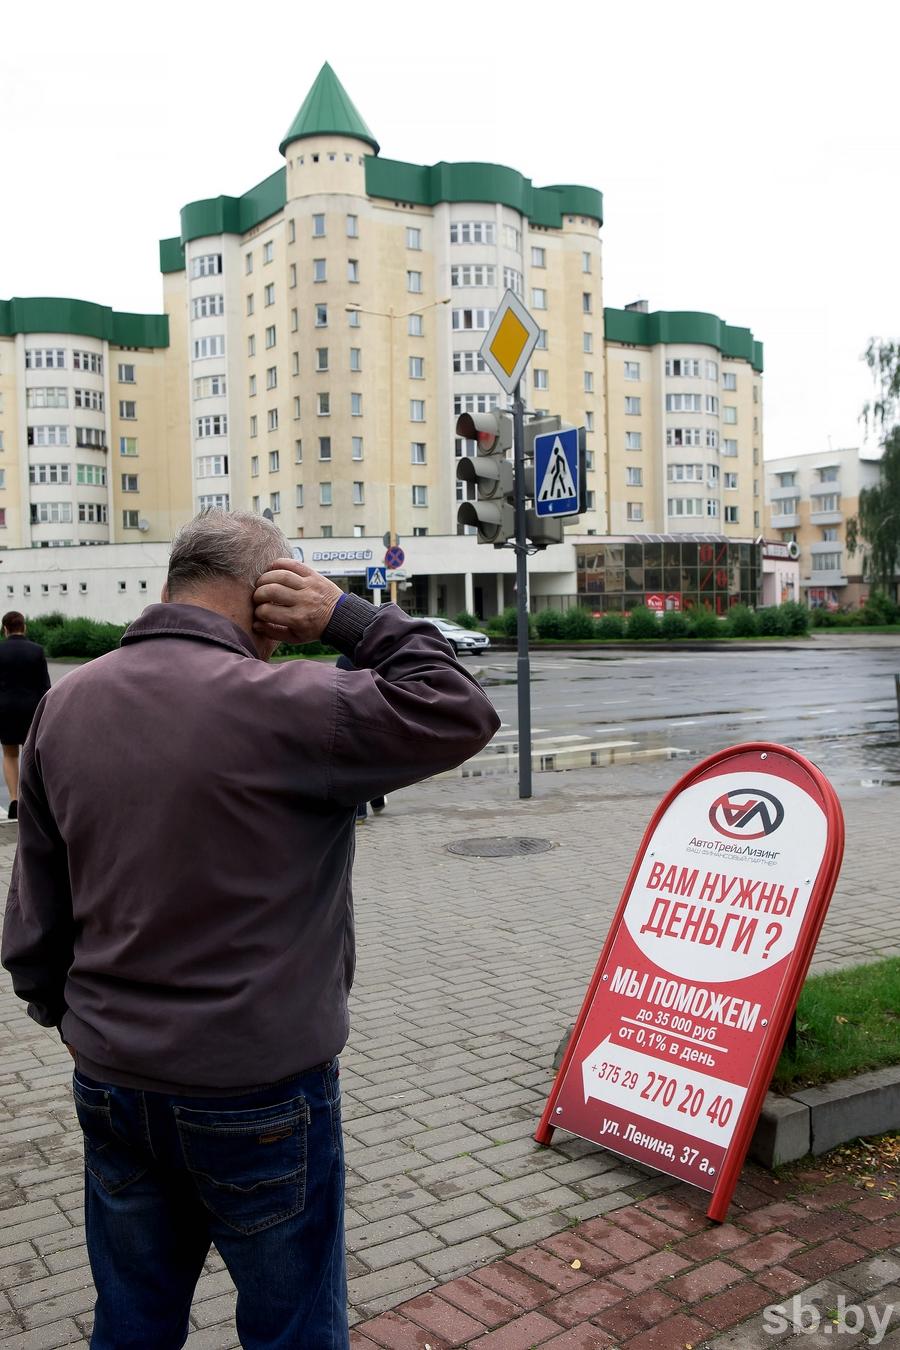 взять кредит на потребительские нужды без справок и поручителей в беларуси получить кредит на покупку земельного участка